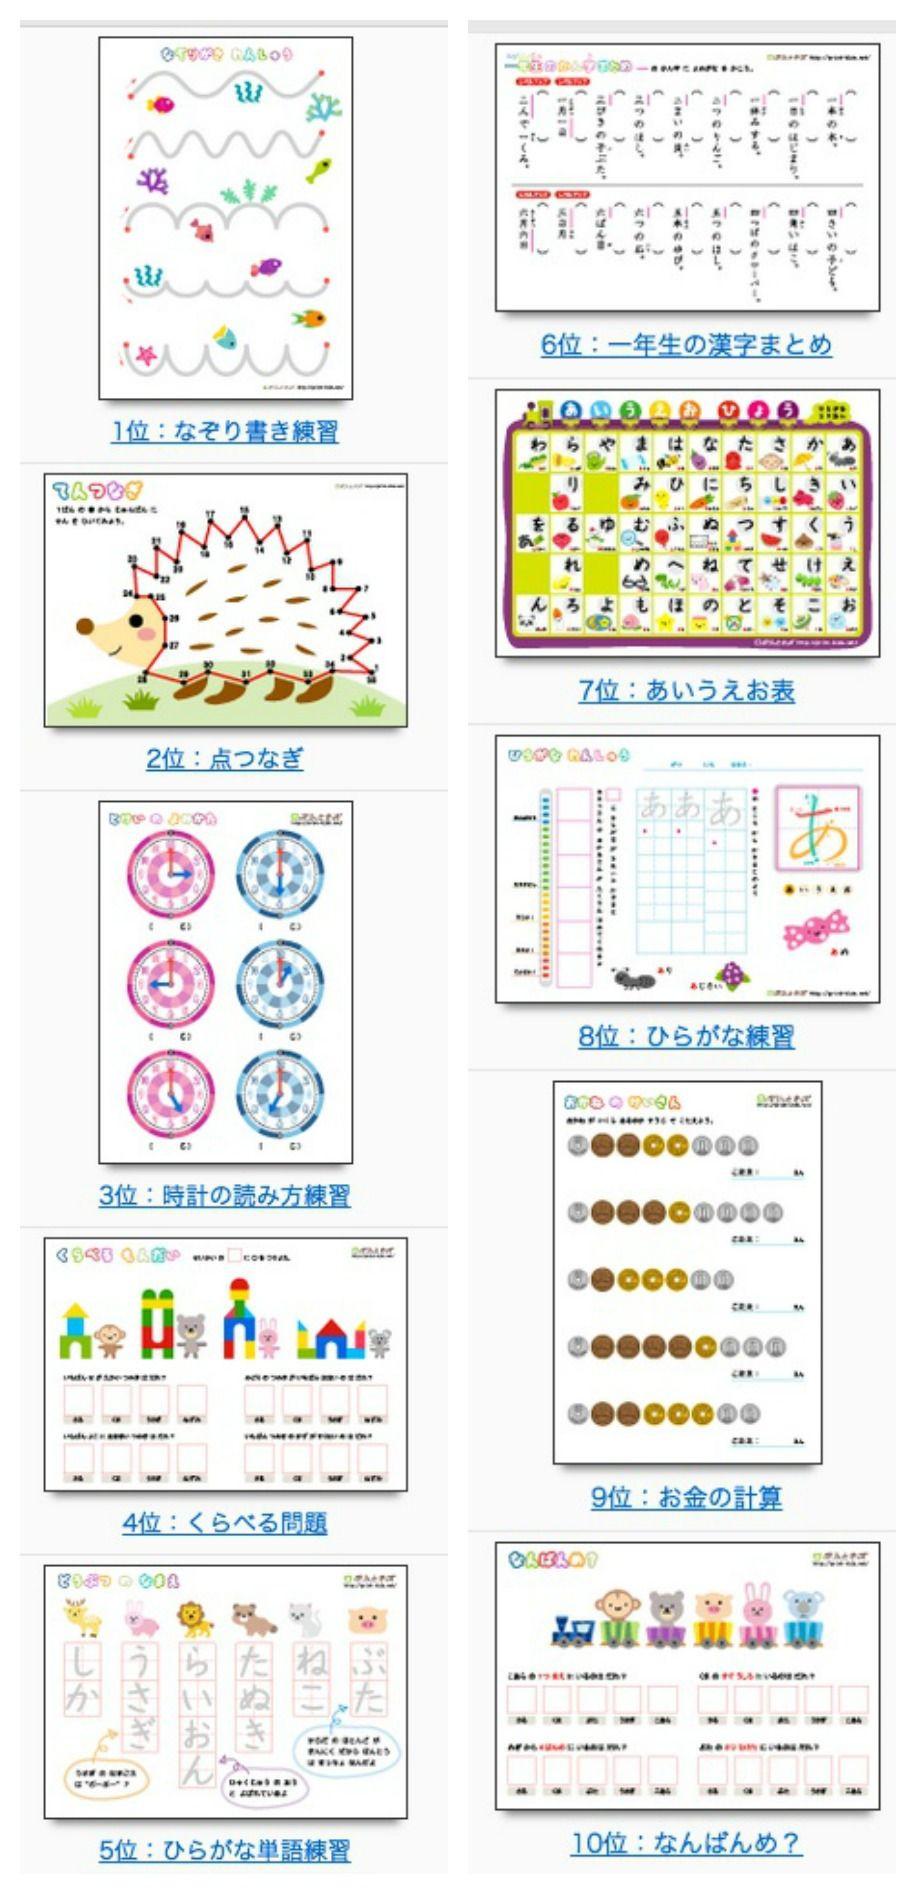 Japanese Worksheets Printable Print Kids Printable Japanese Educational Worksheets for